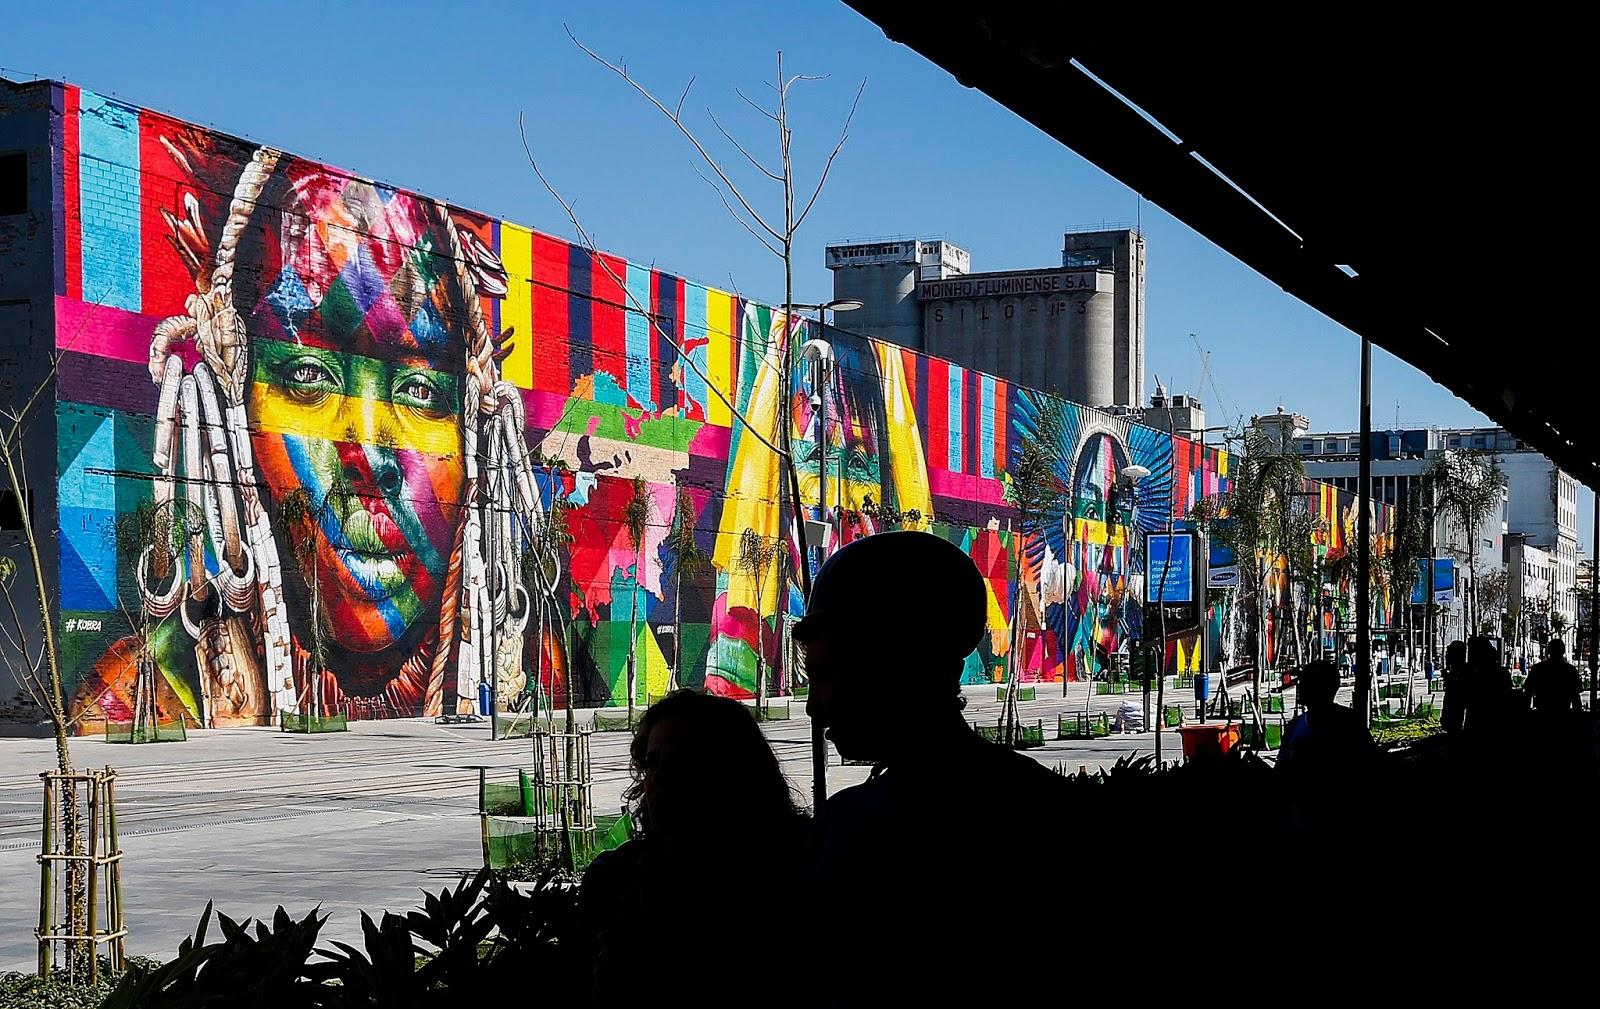 murales-più-grande-mondo-eduardo-kobra-las-etnias-rio-de-janeiro-11